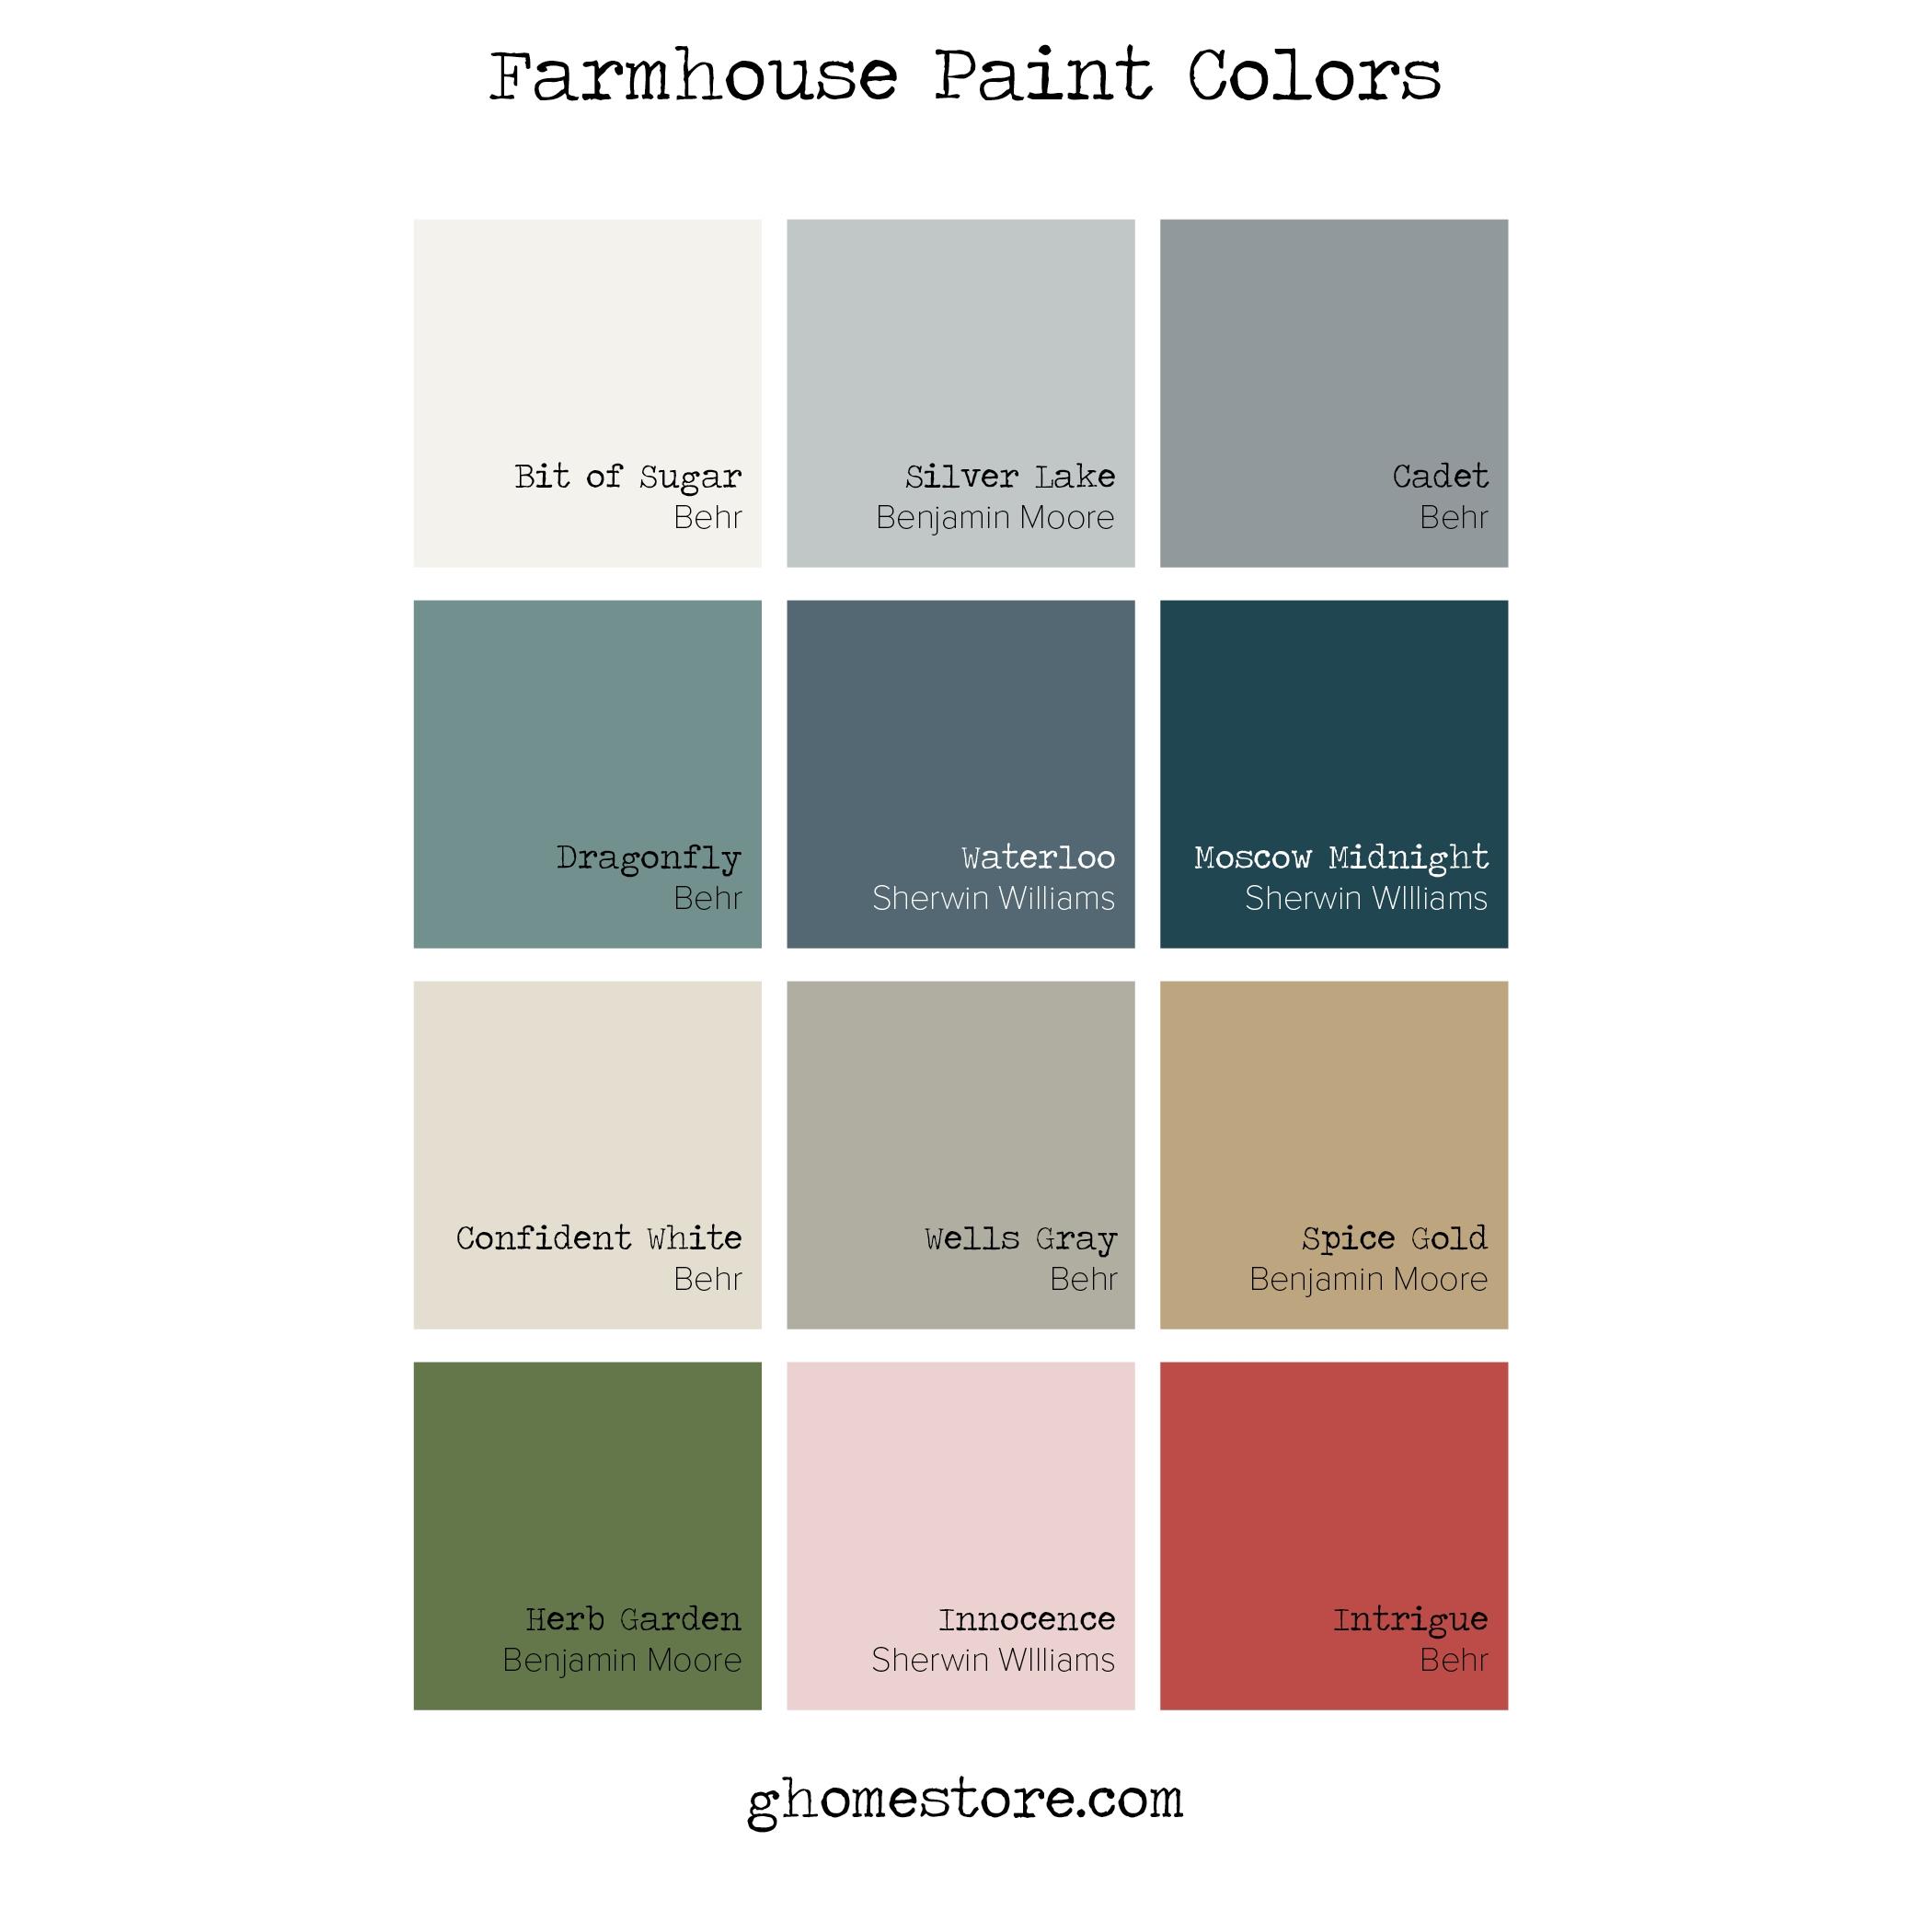 FarmhousePaintColors.jpg